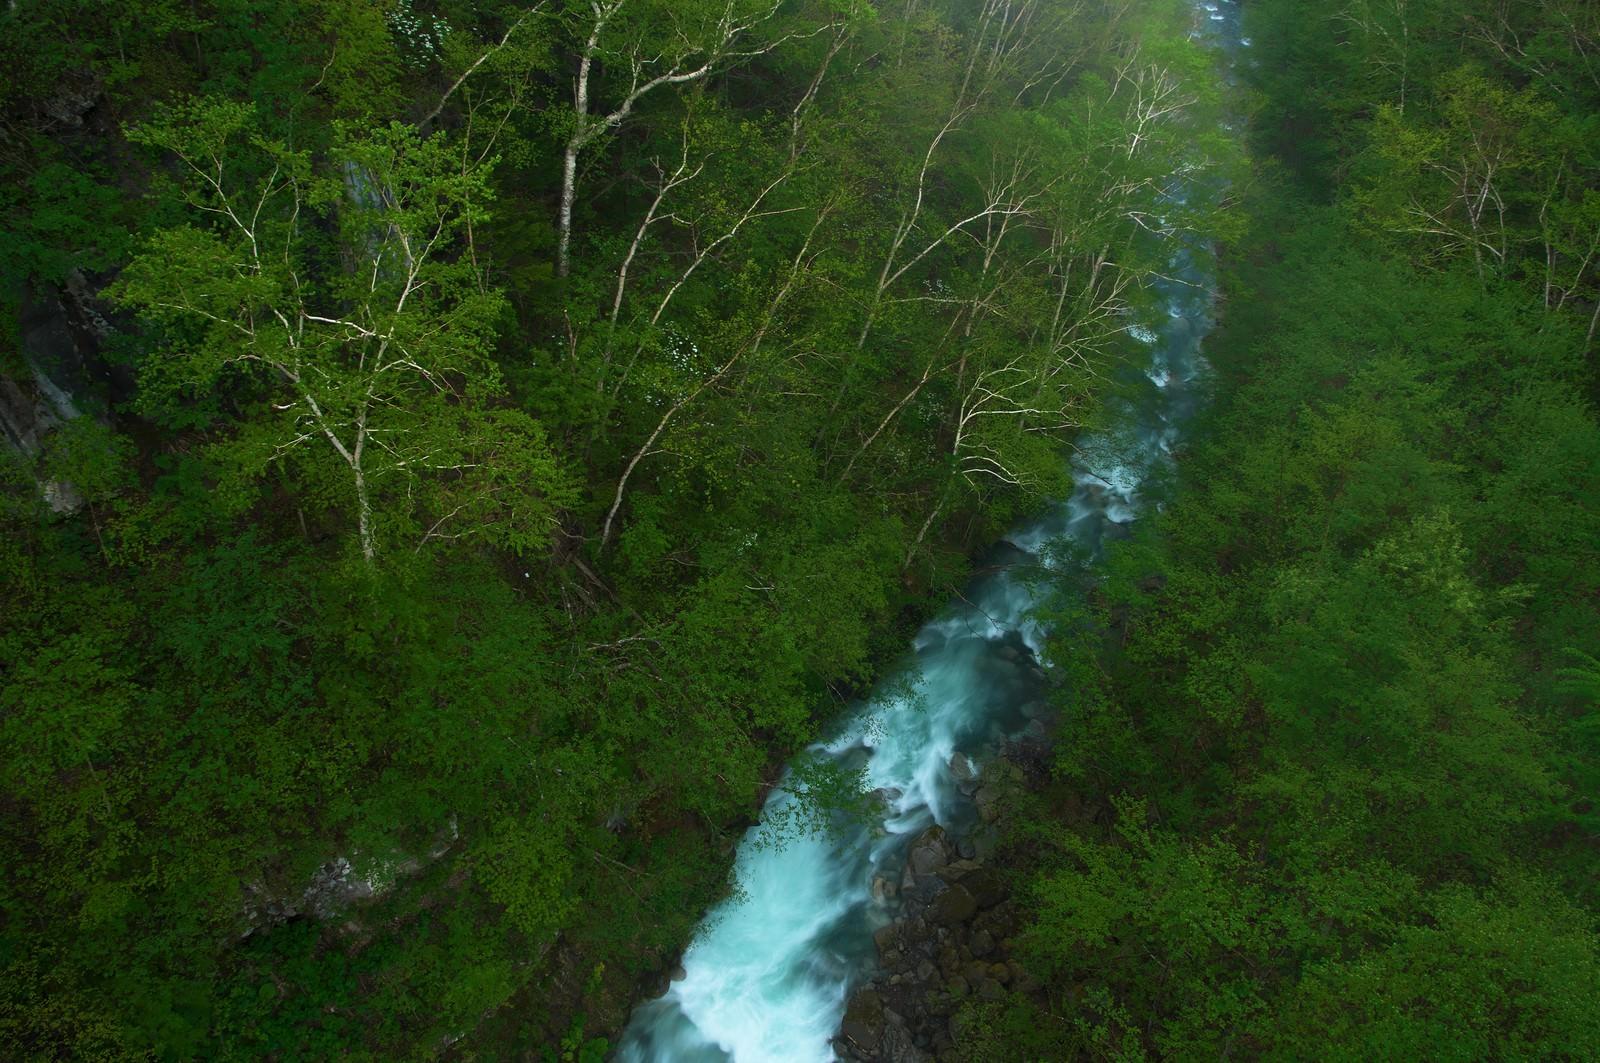 「森を流れる渓流森を流れる渓流」のフリー写真素材を拡大